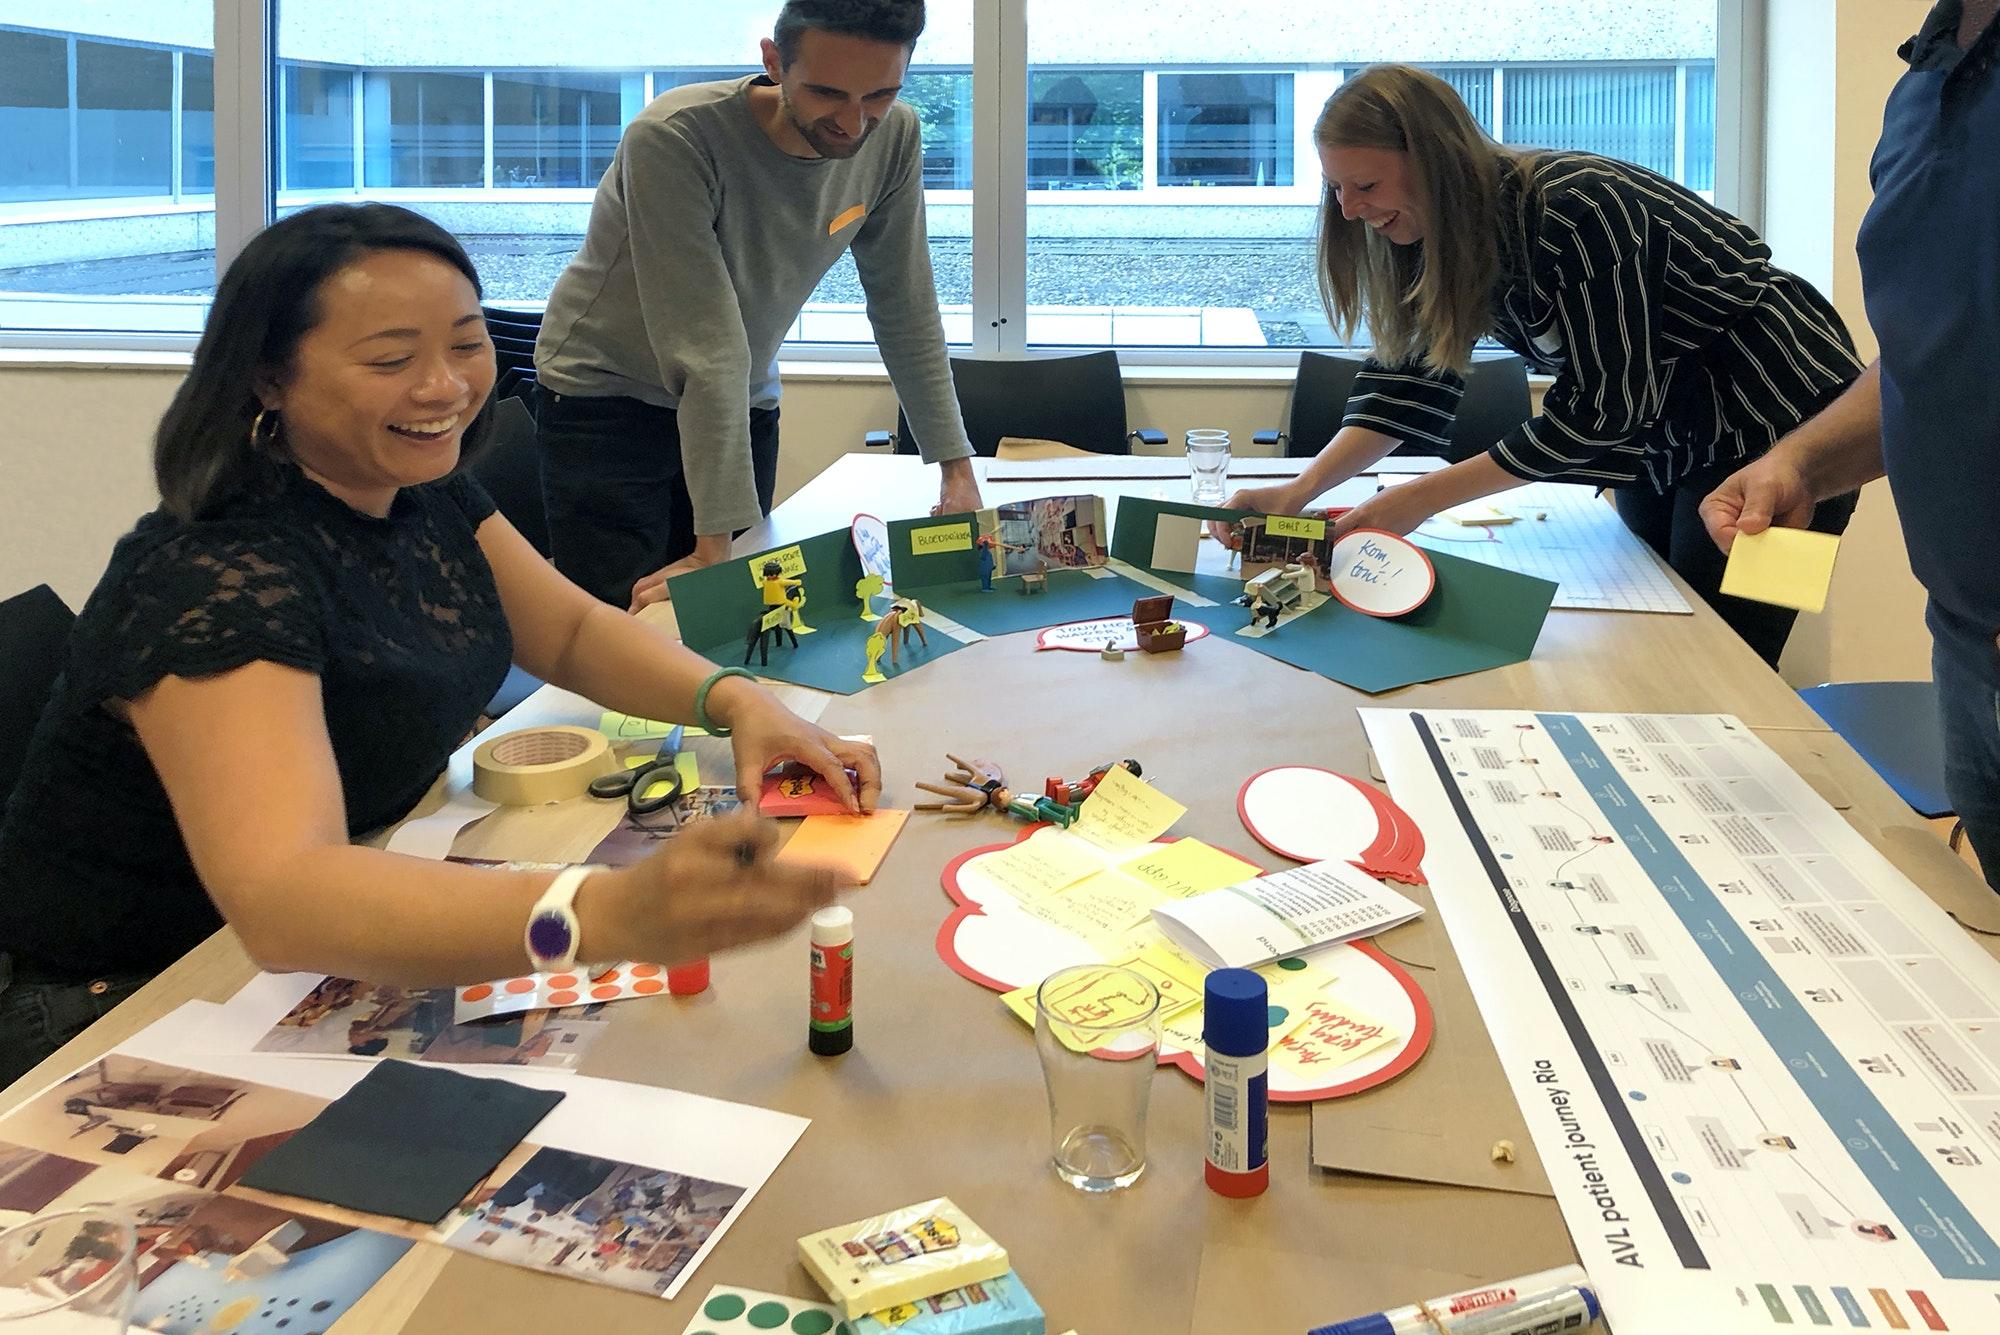 drie-mensen-aan-tafel-workshop-lachen